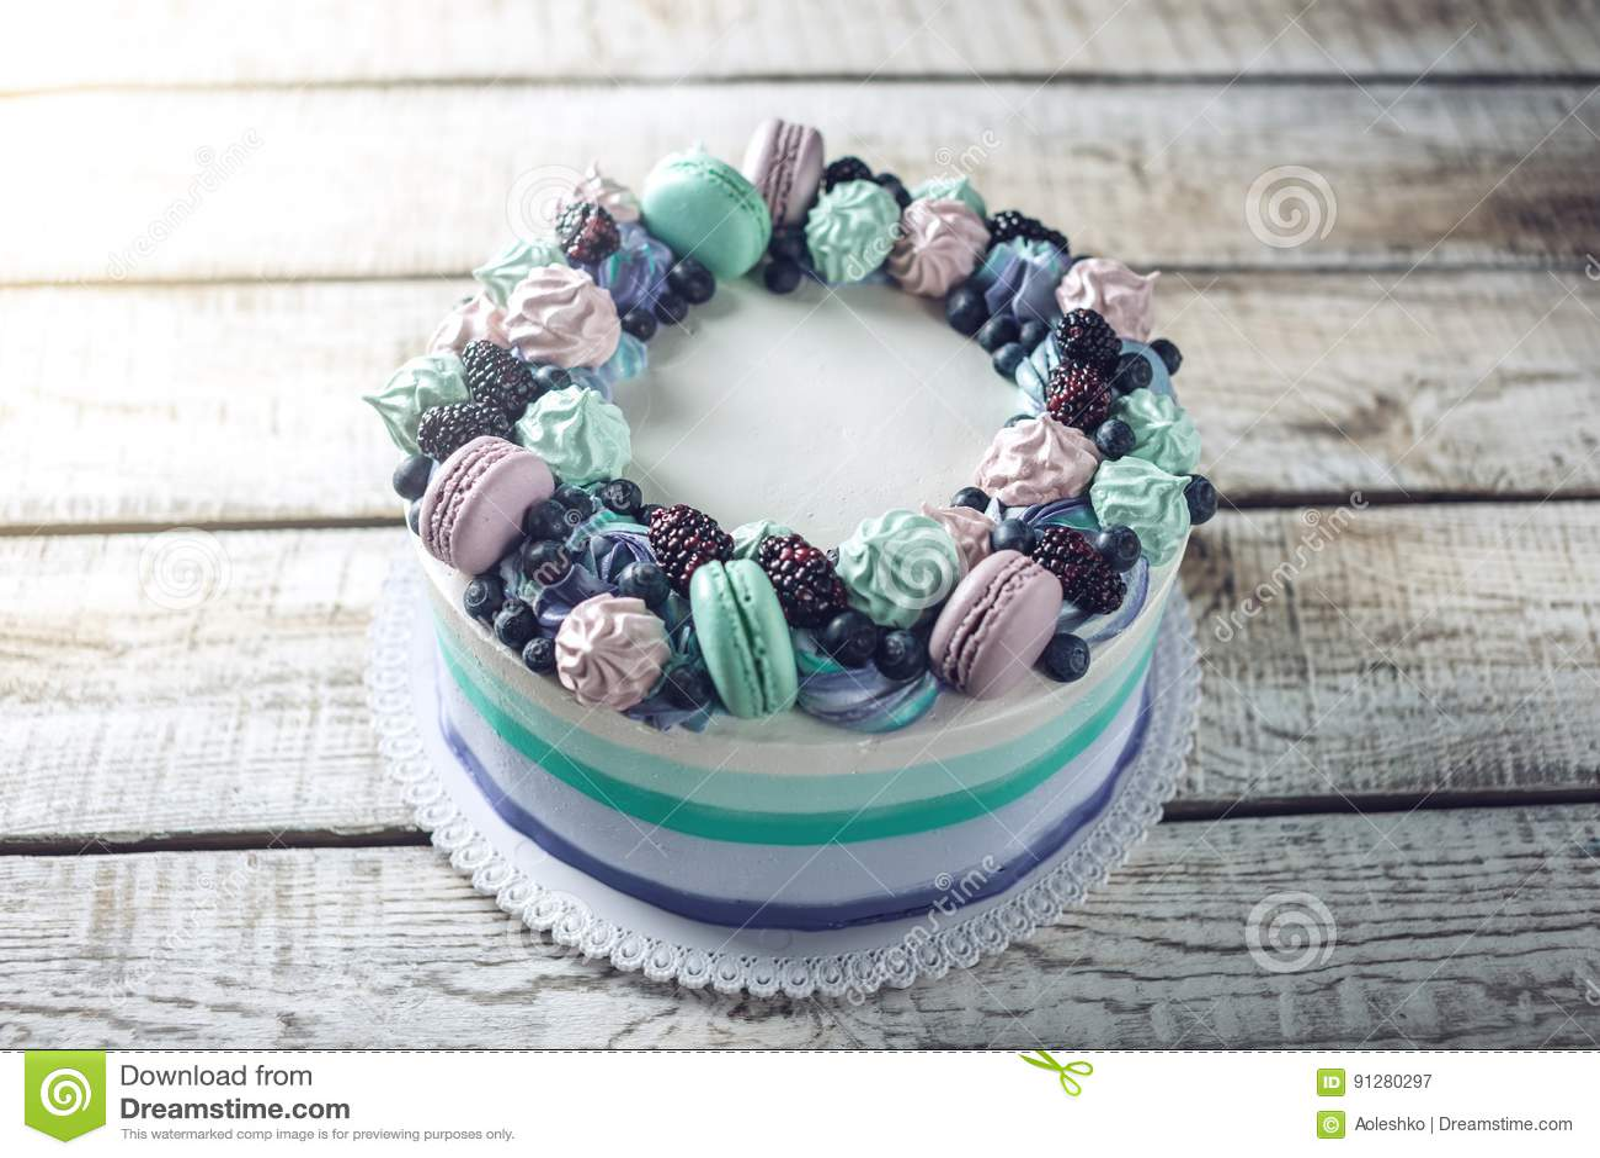 Домодельный торт с ежевиками, голубиками, меренгой и зефирами ягод